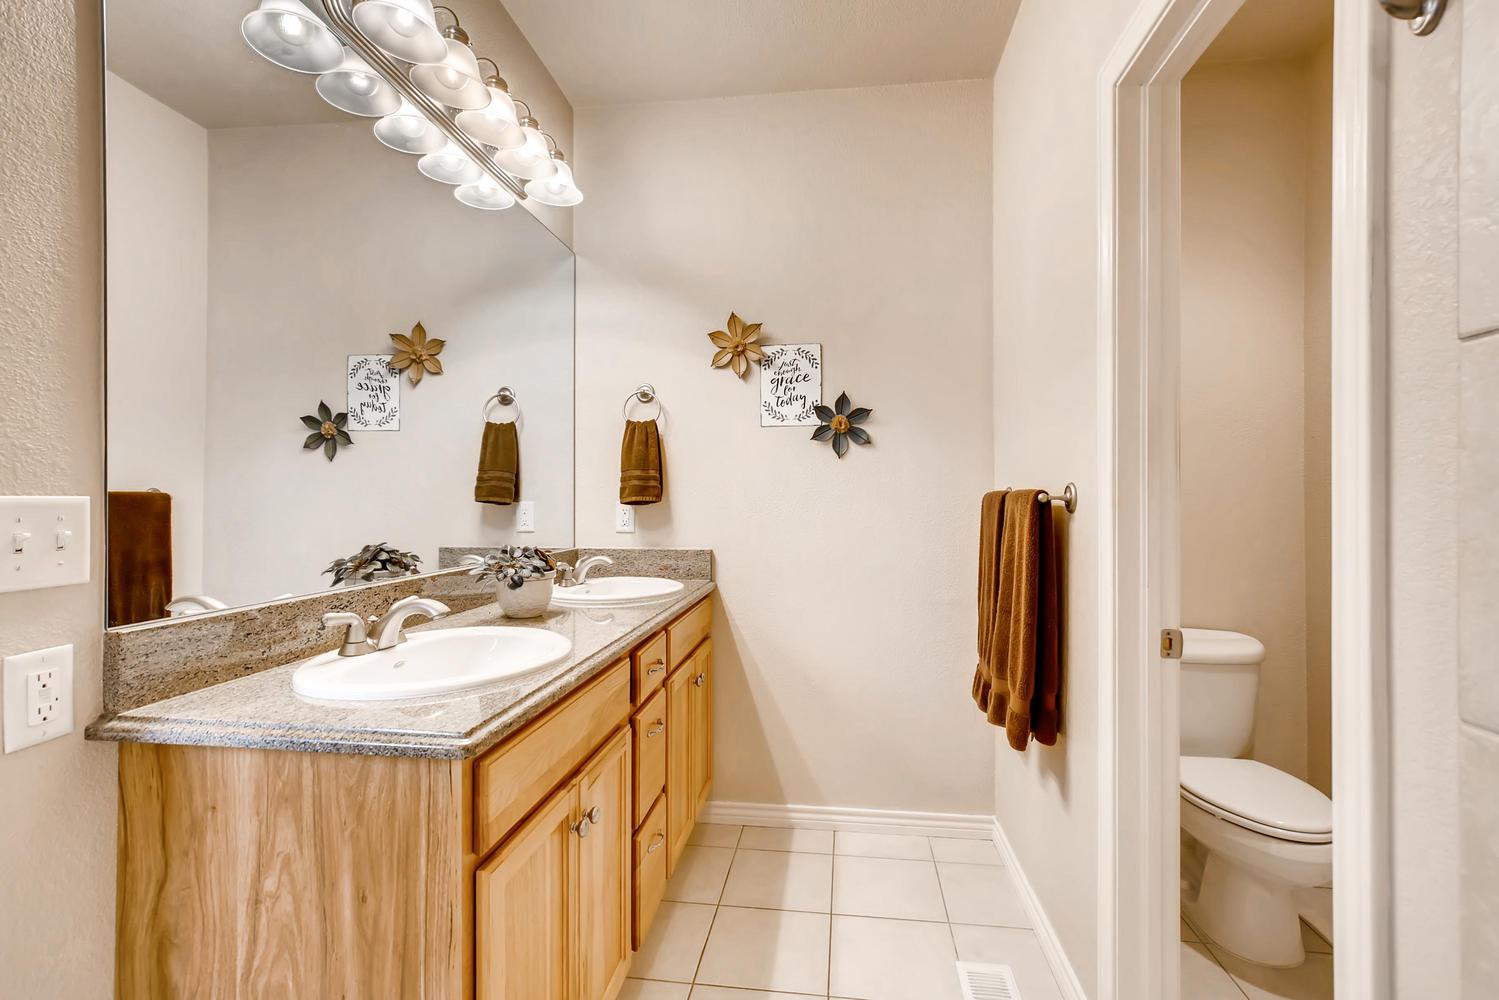 8690 W 49th Cir Arvada CO-large-013-5-Master Bathroom-1500x1000-72dpi.jpg